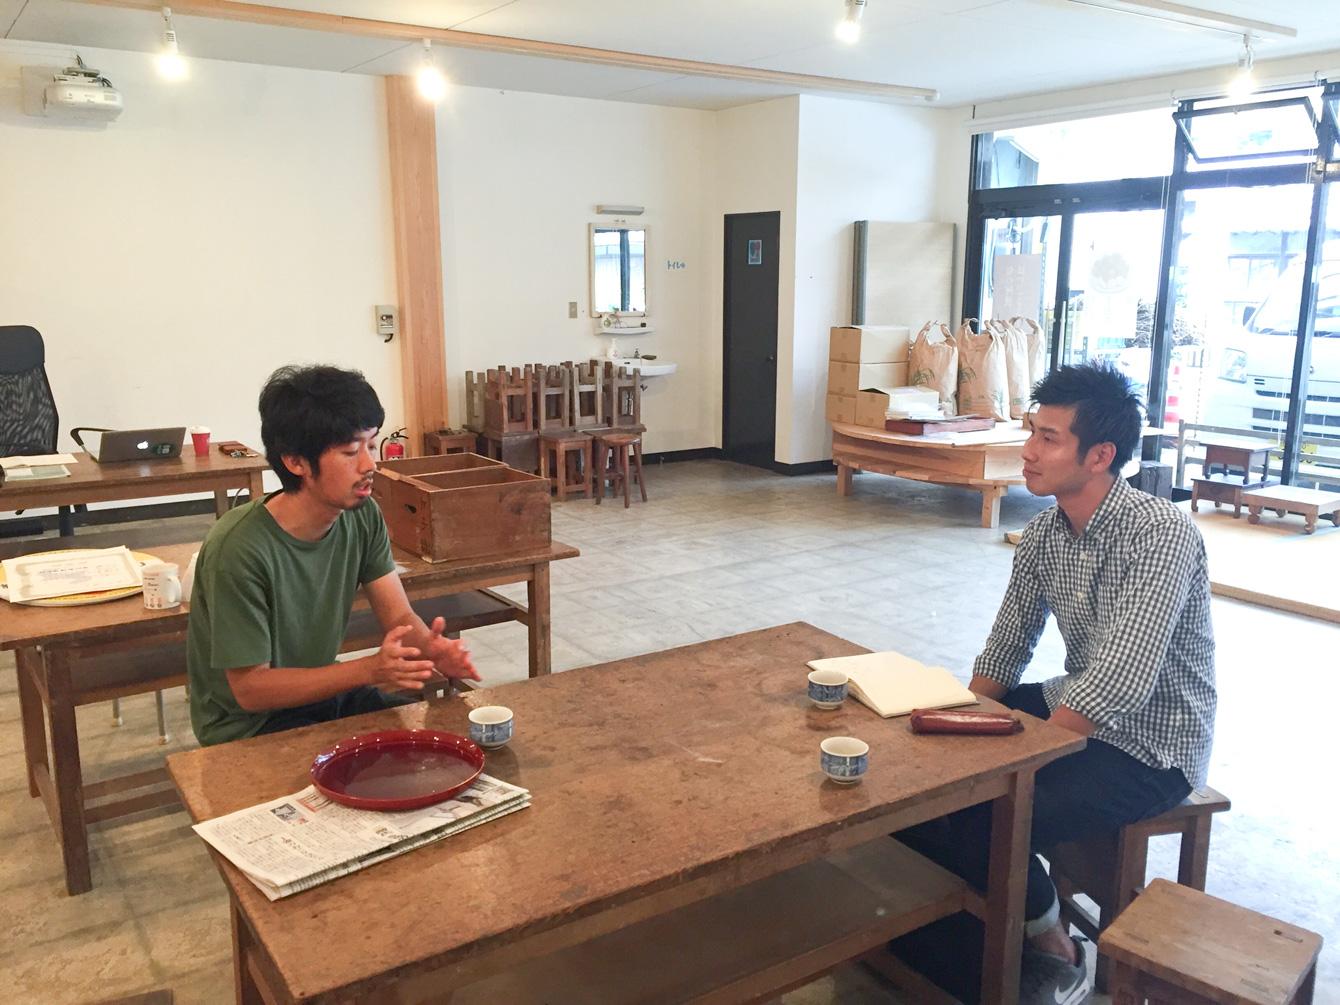 地域でお米作りをするという共通点からも、話が盛り上がる吉田さんと植田さん。